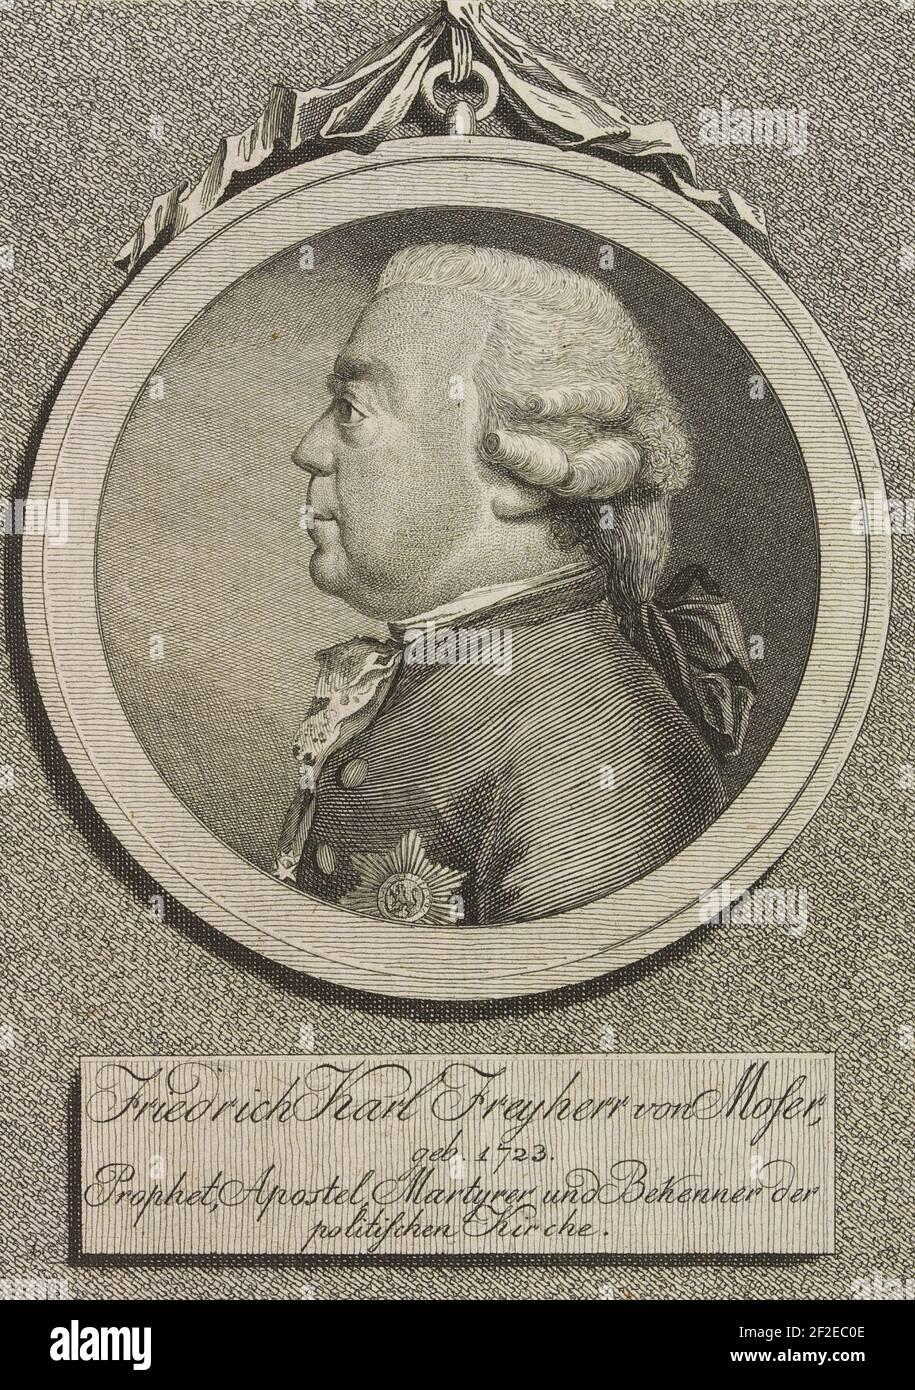 Friedrich Karl Freyherr von Moser, geb. 1723. Stock Photo